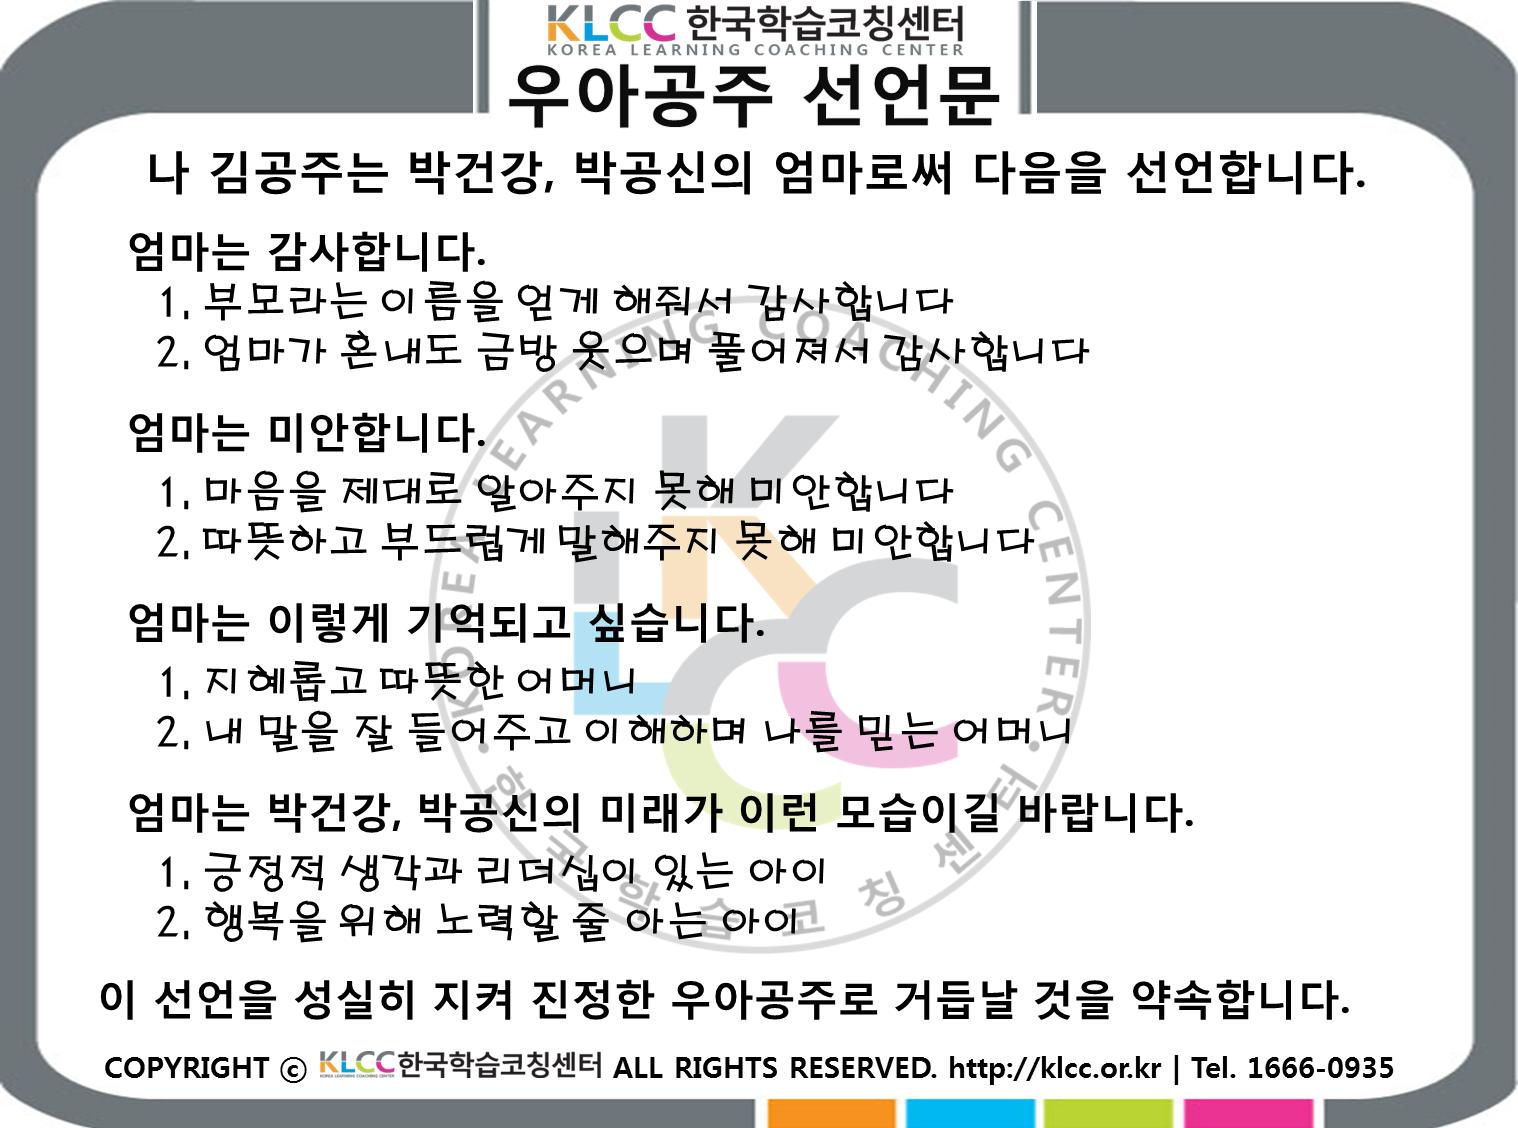 한국학습코칭센터-우아공주 선언문 샘플.png